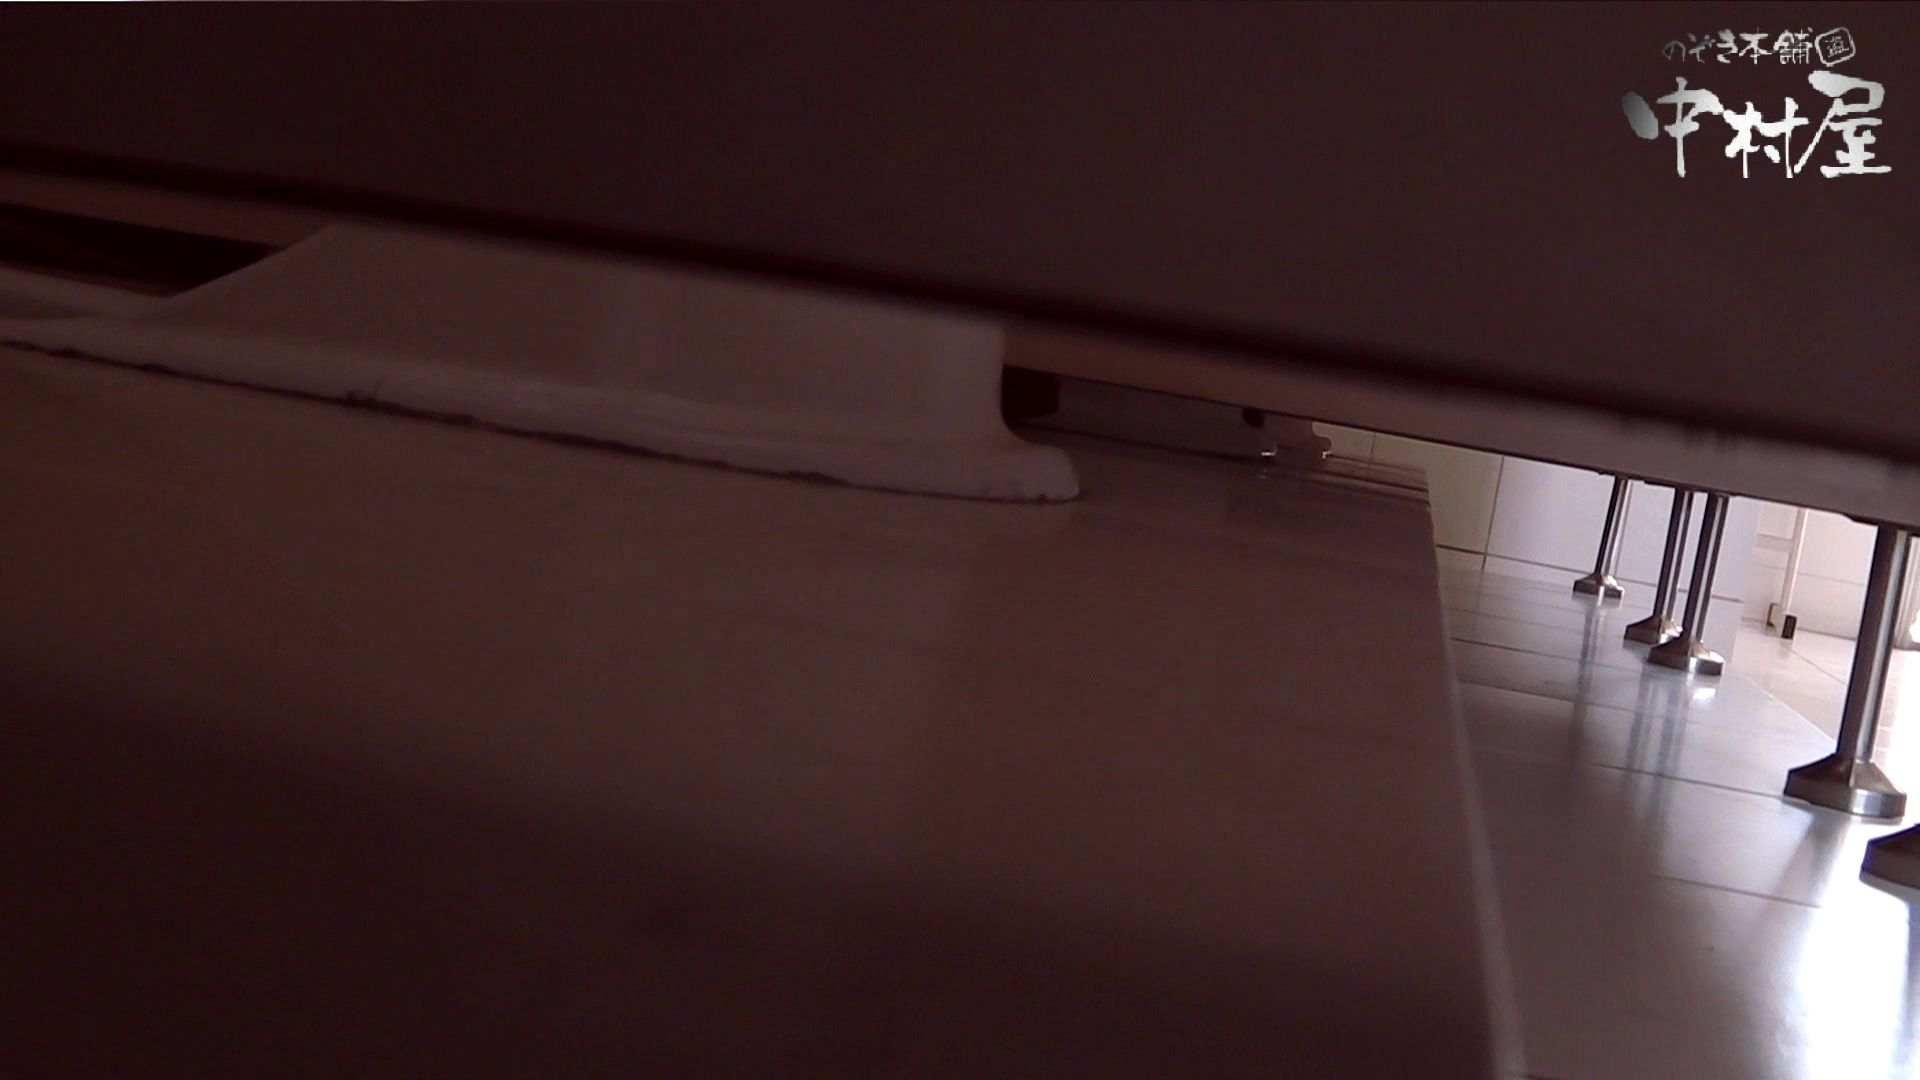 【世界の射窓から】世界の射窓から vol.4後編 OLエロ画像   洗面所  77PICs 3